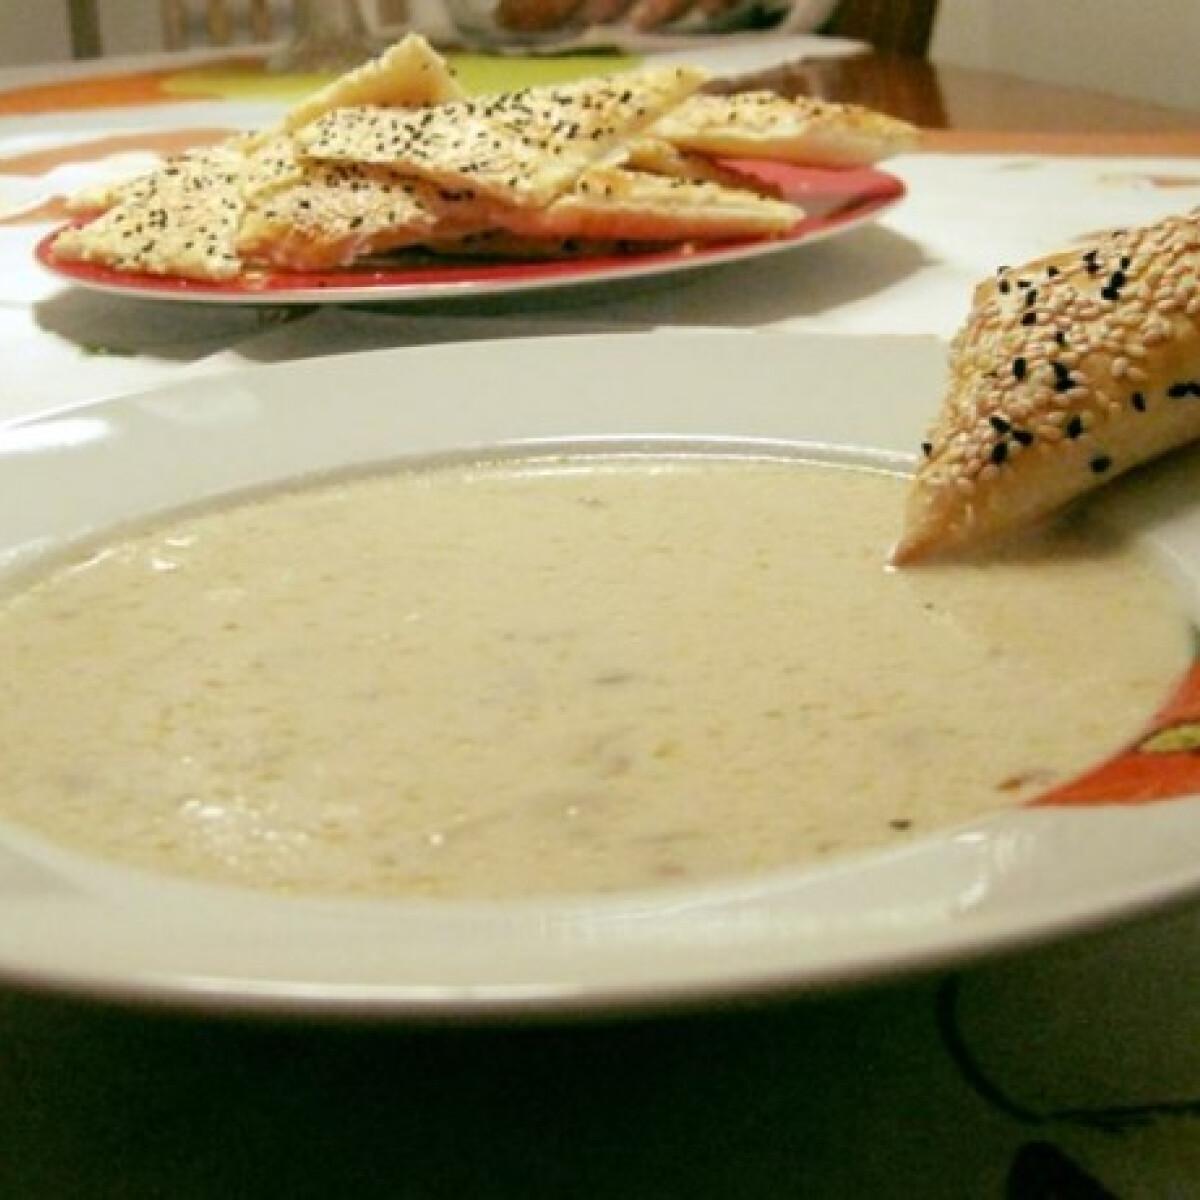 Ezen a képen: Gombás sajtkrémleves fehérborral